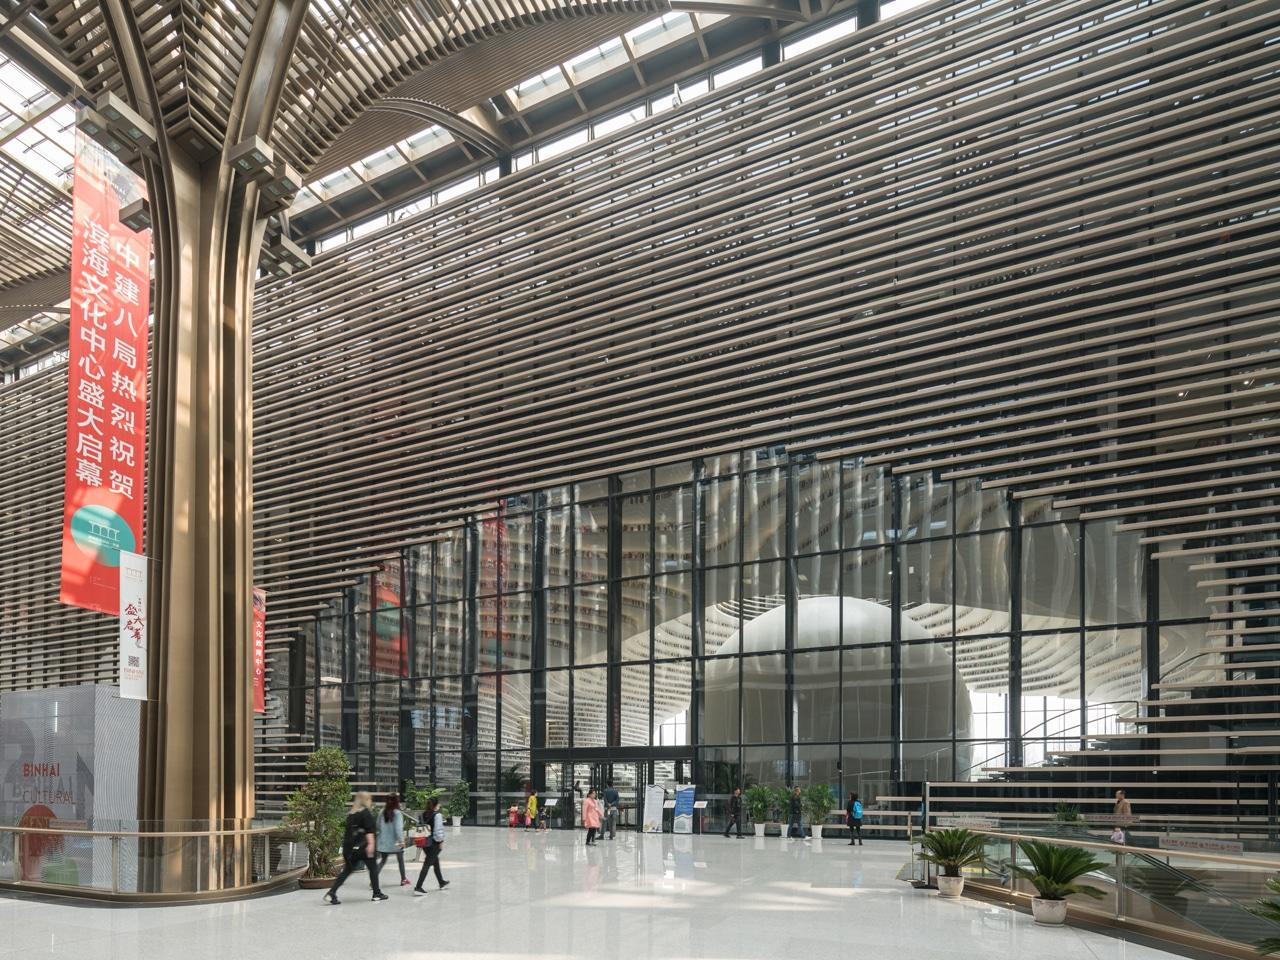 13_library mvrdv tianjin_Tianjin_Library_∏kiiwan